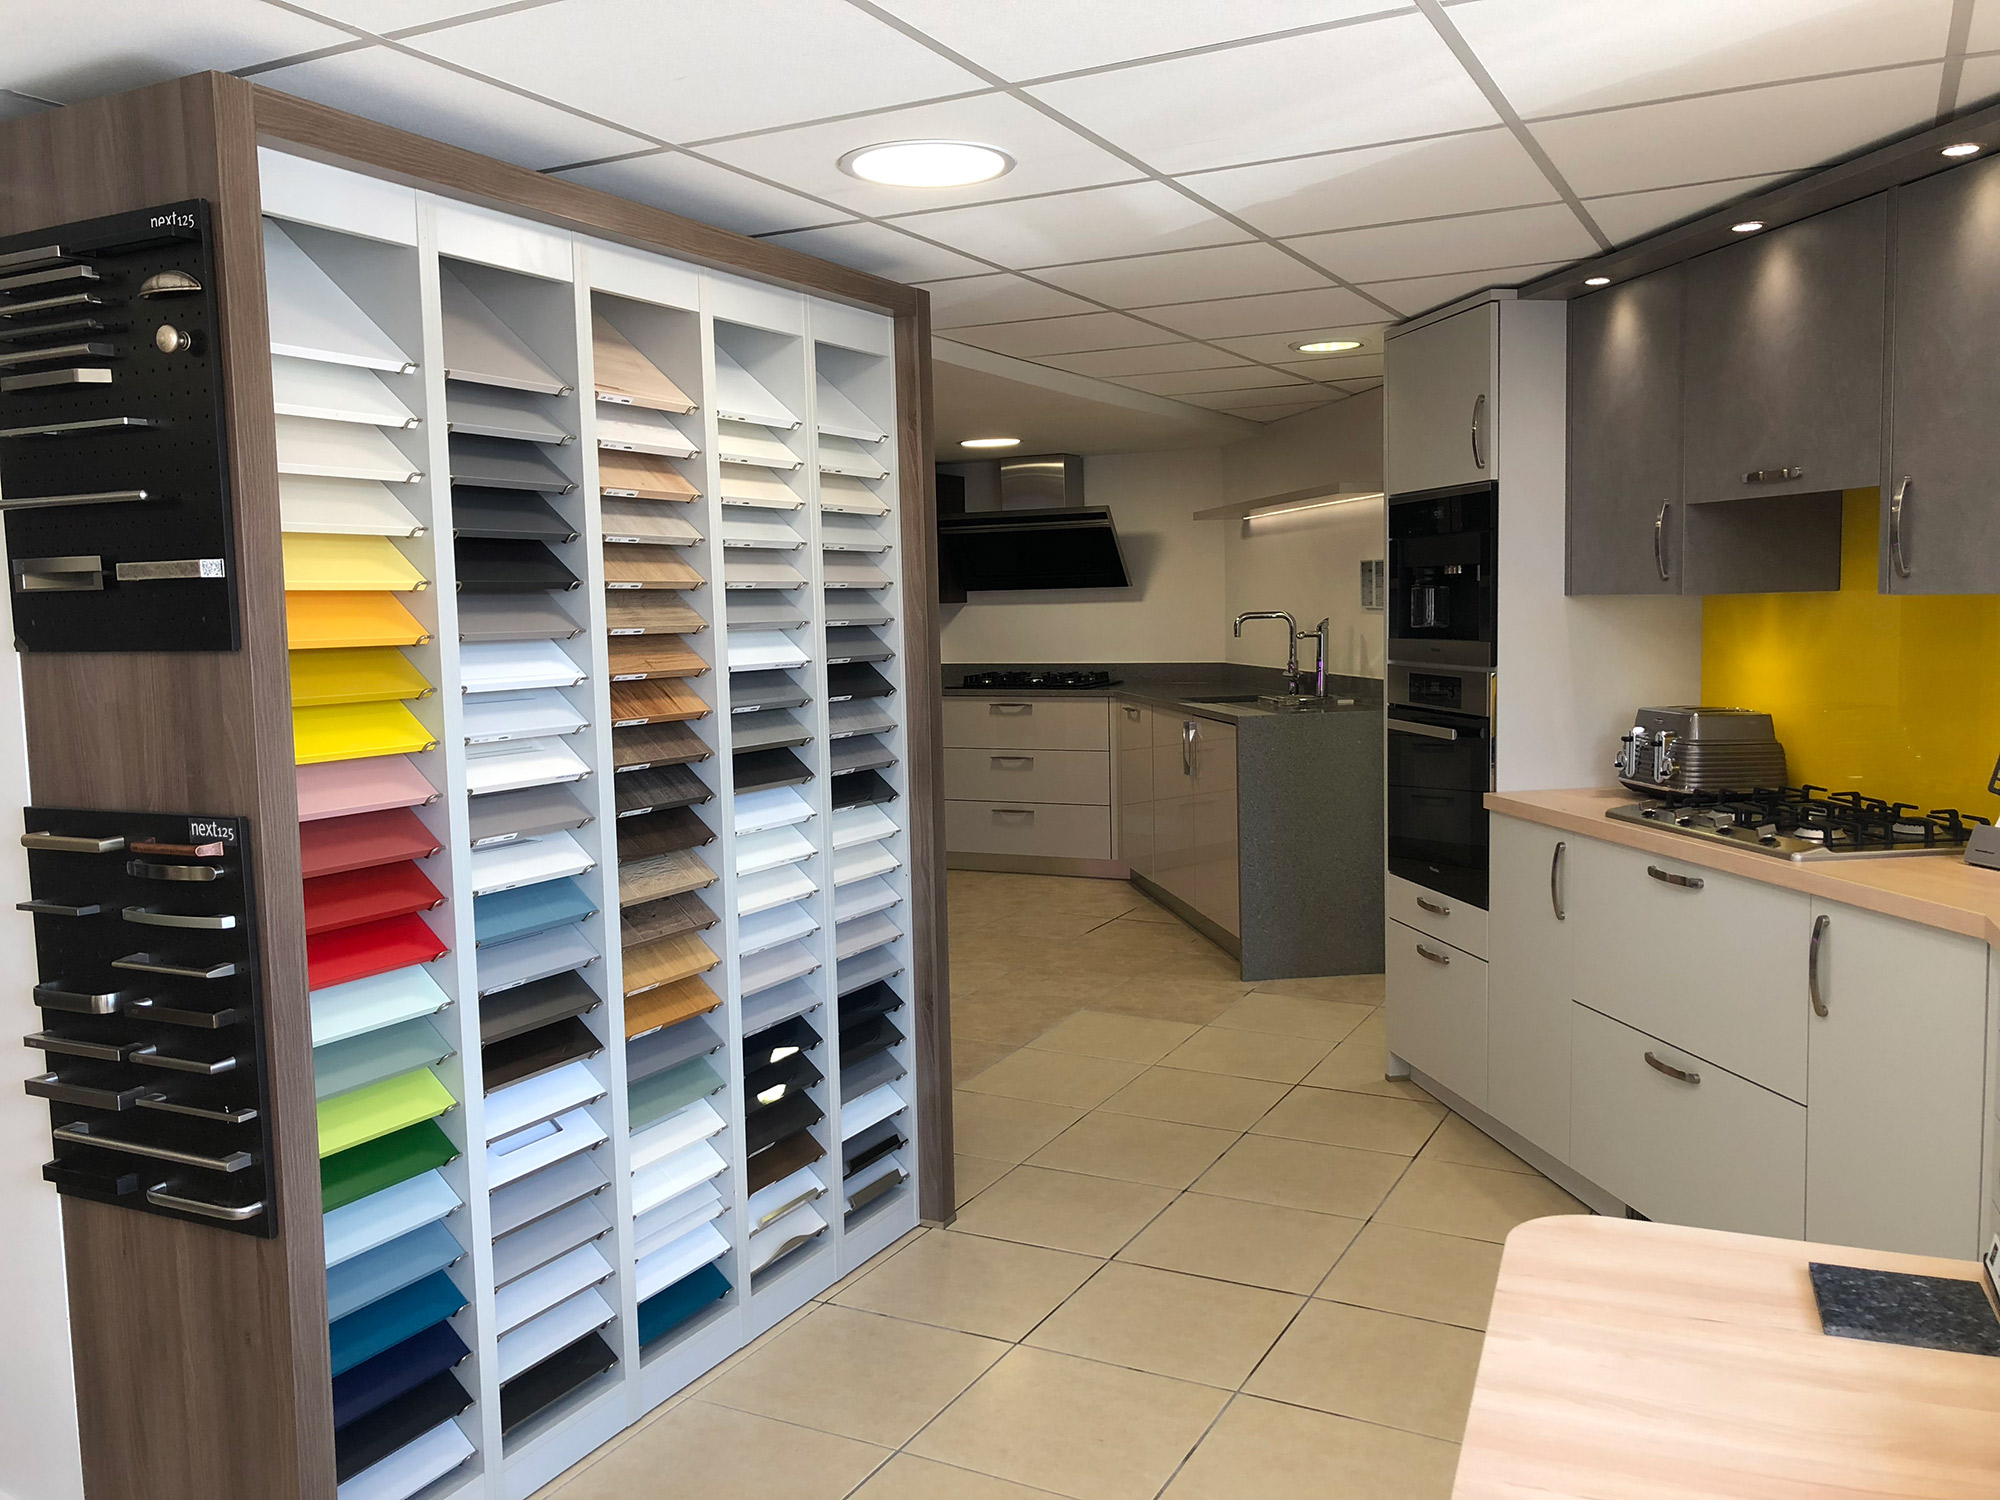 Kitchen Showroom In Benfleet, Essex